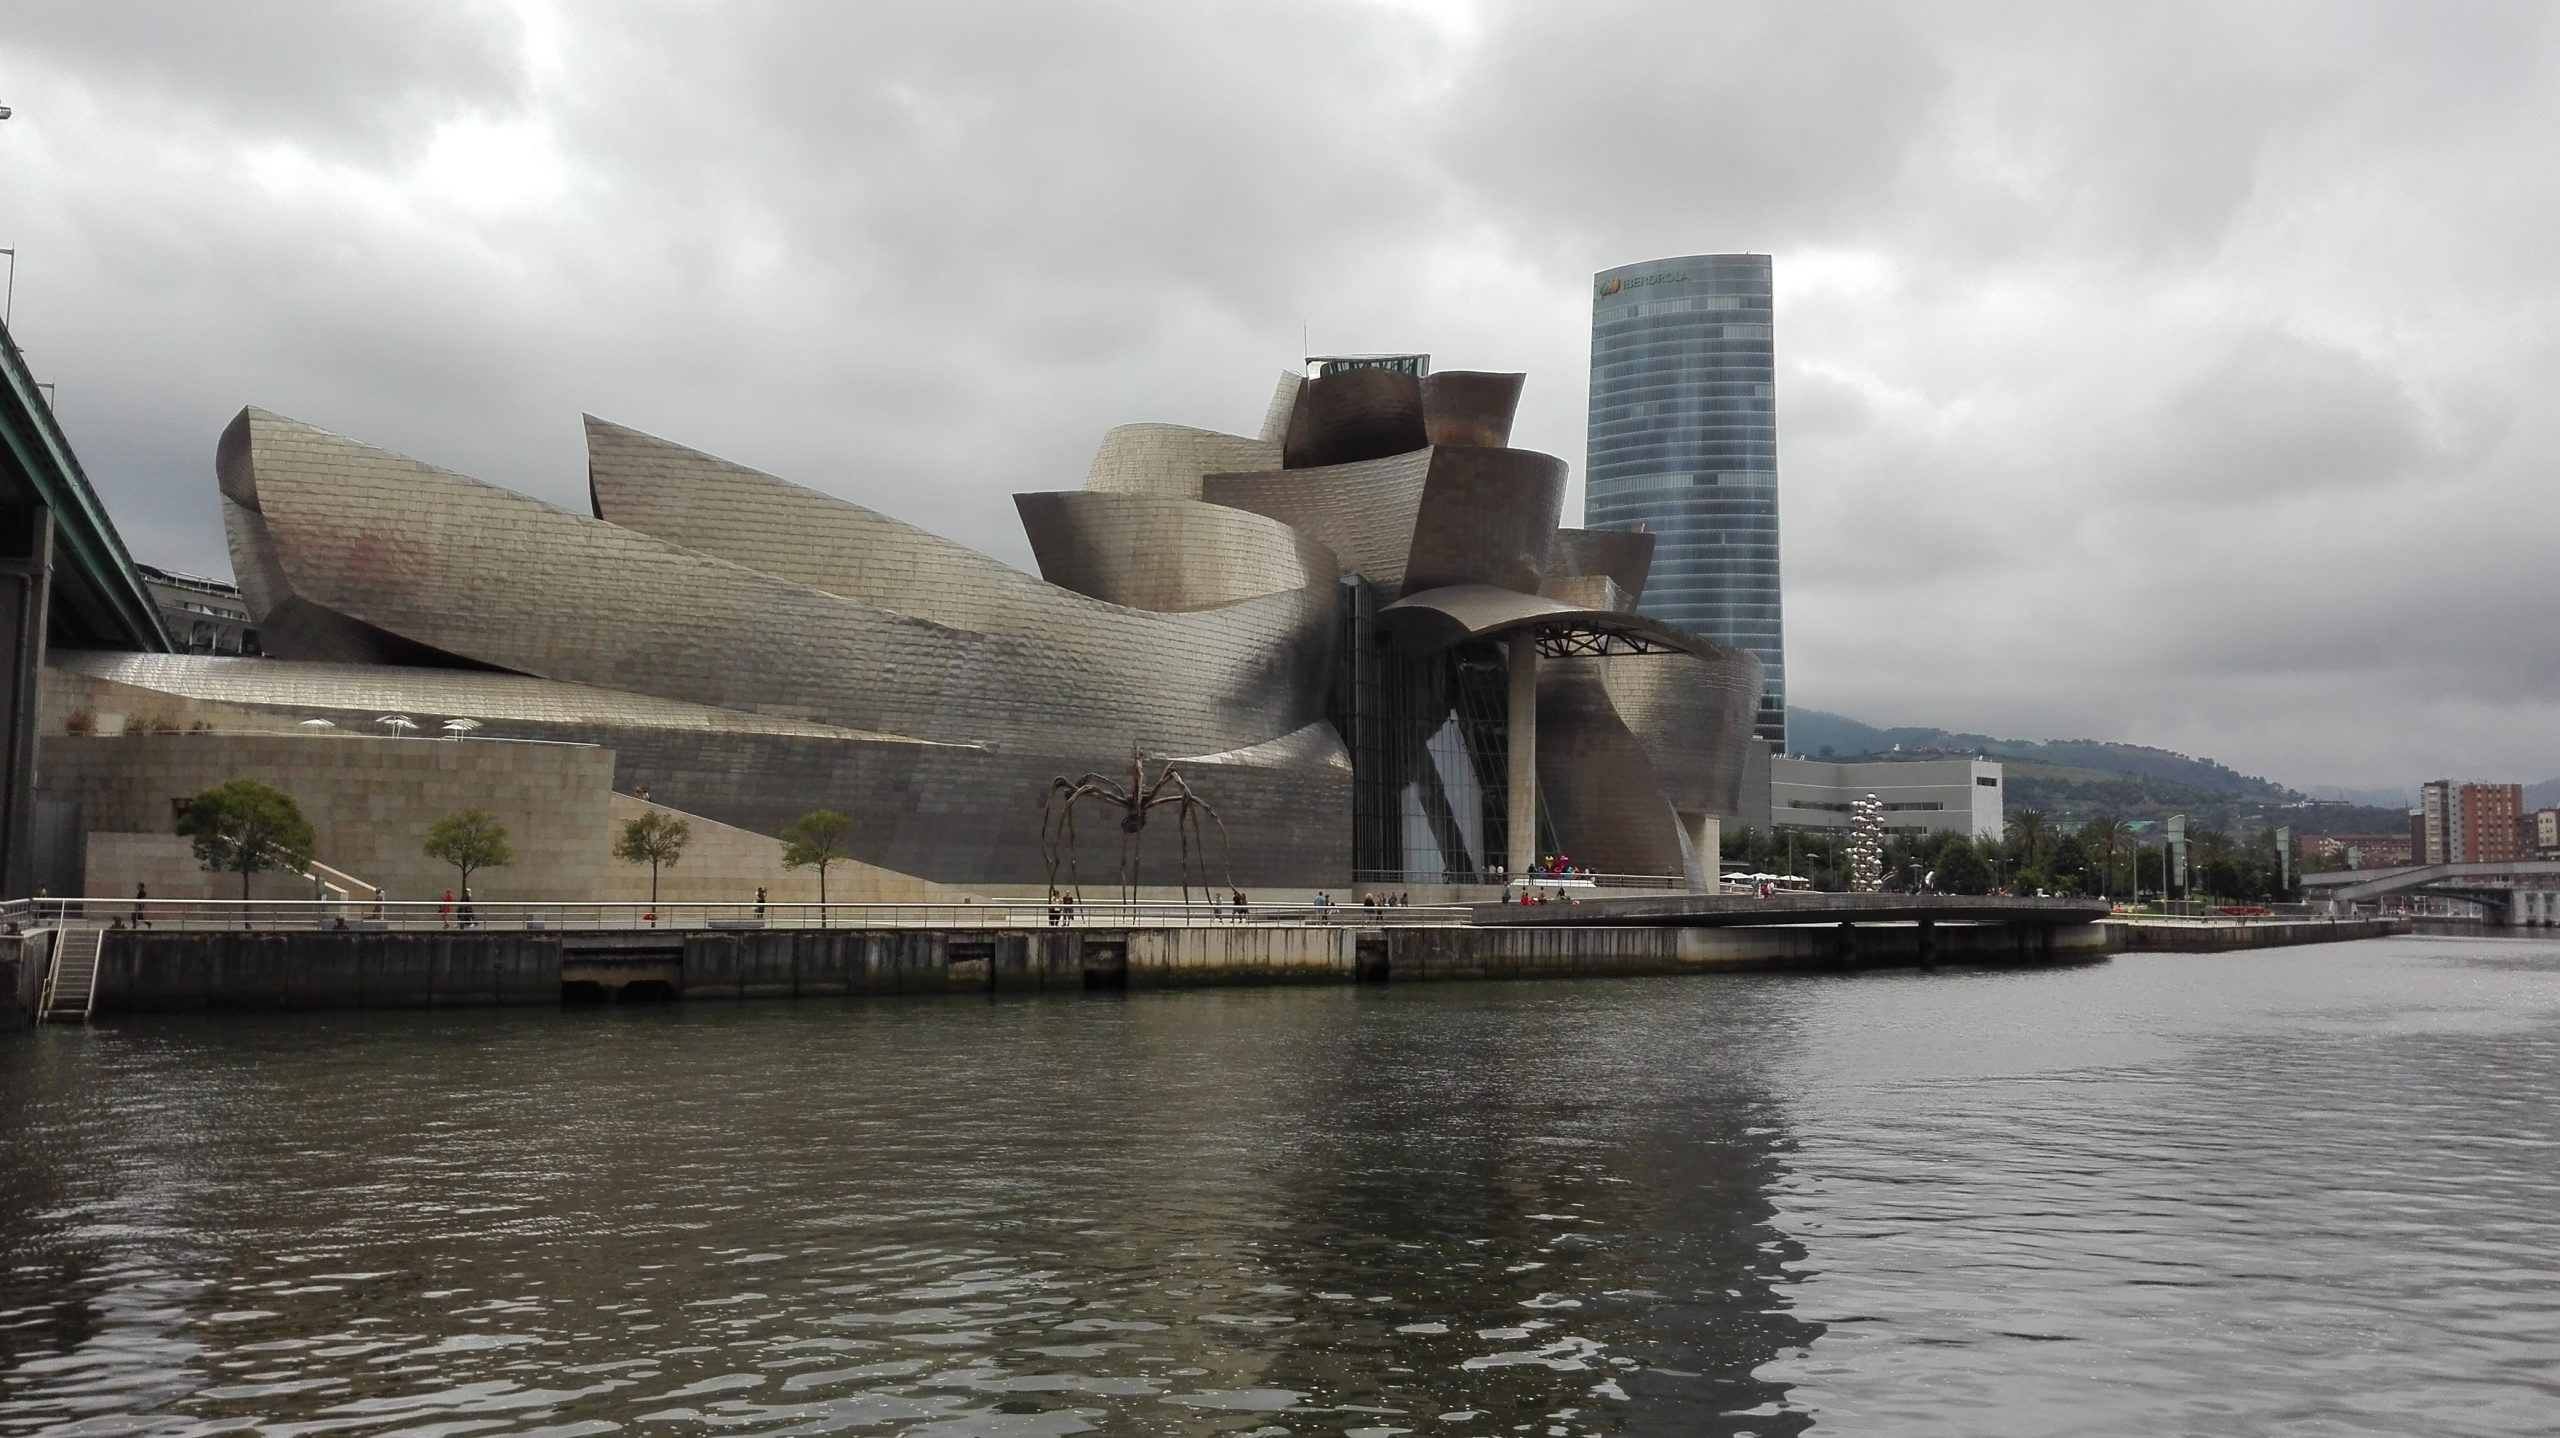 Paesi baschi spagnoli, itinerario nella Spagna oceanica